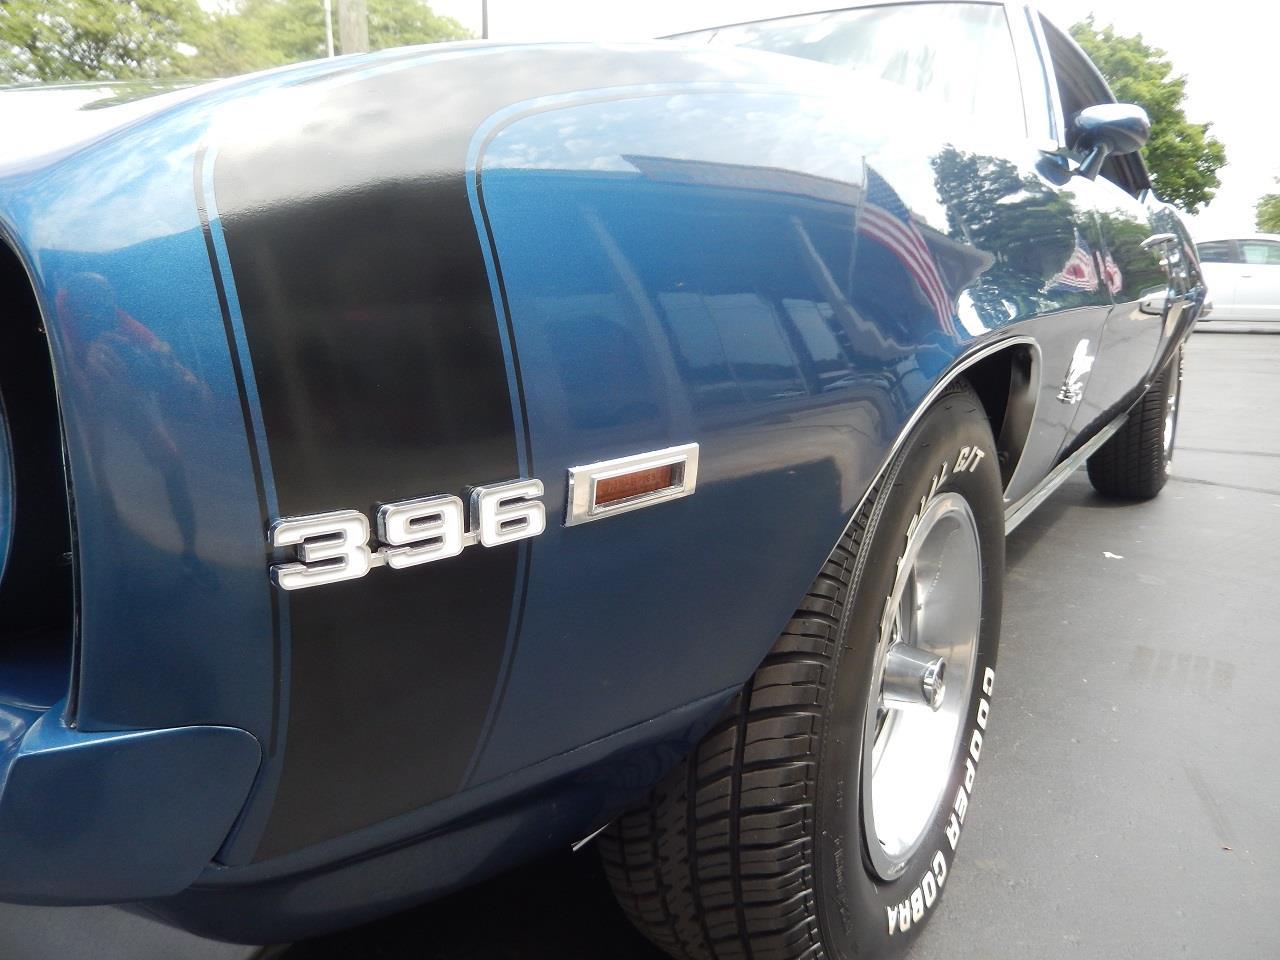 1969 Chevrolet Camaro Ss For Sale Classiccars Com Cc 1101331